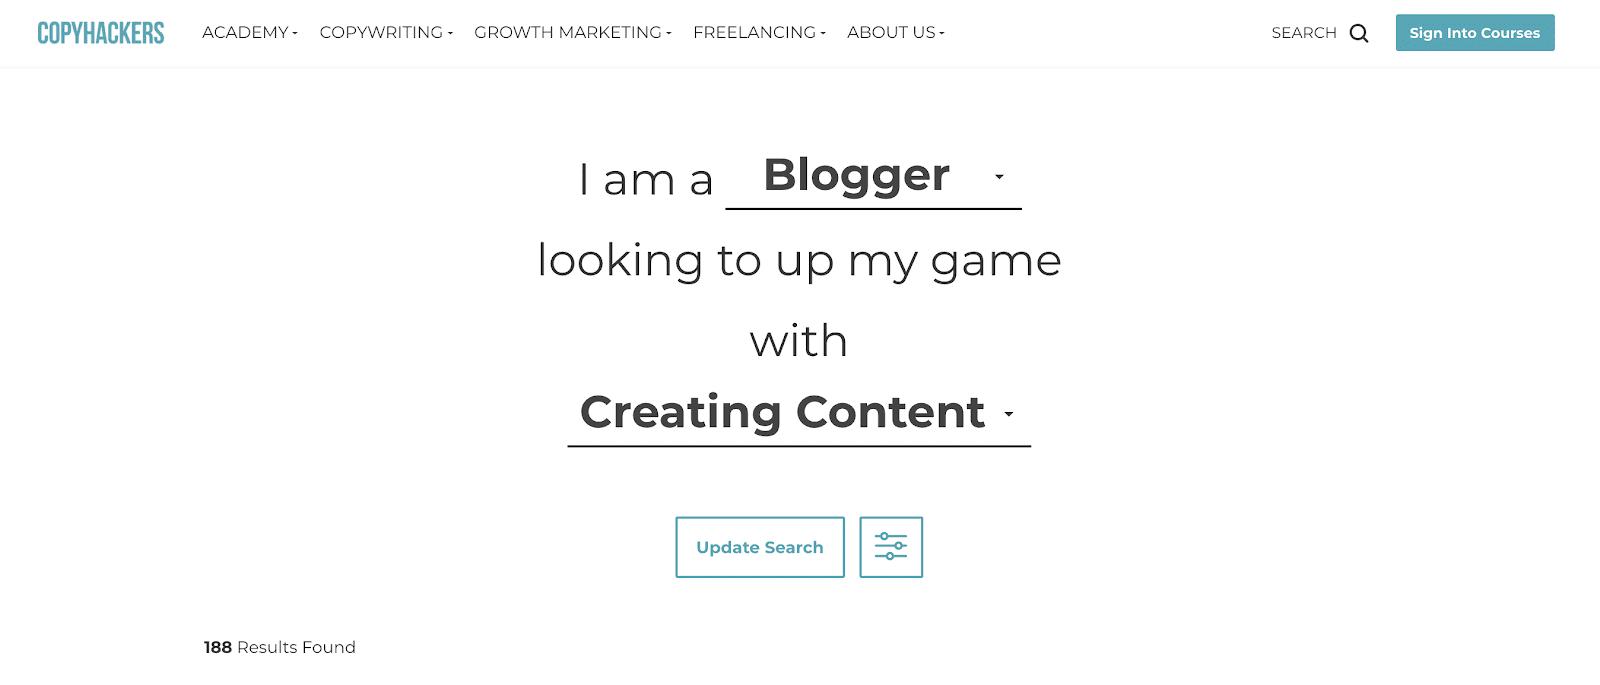 Copy Hackers blog page